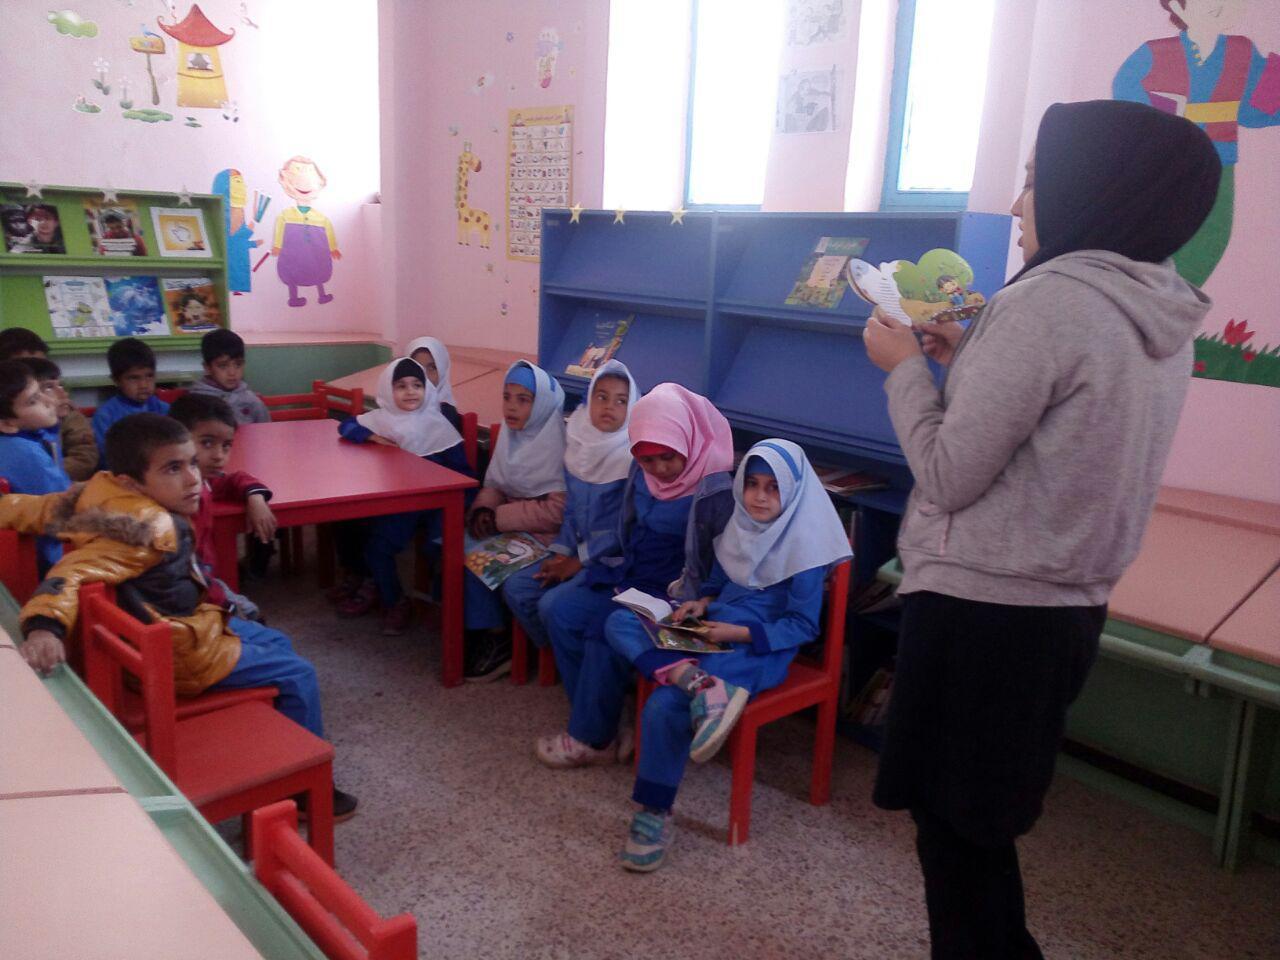 قصه گویی برای کودکان به مناسبت مبعث رسول اکرم (ص)